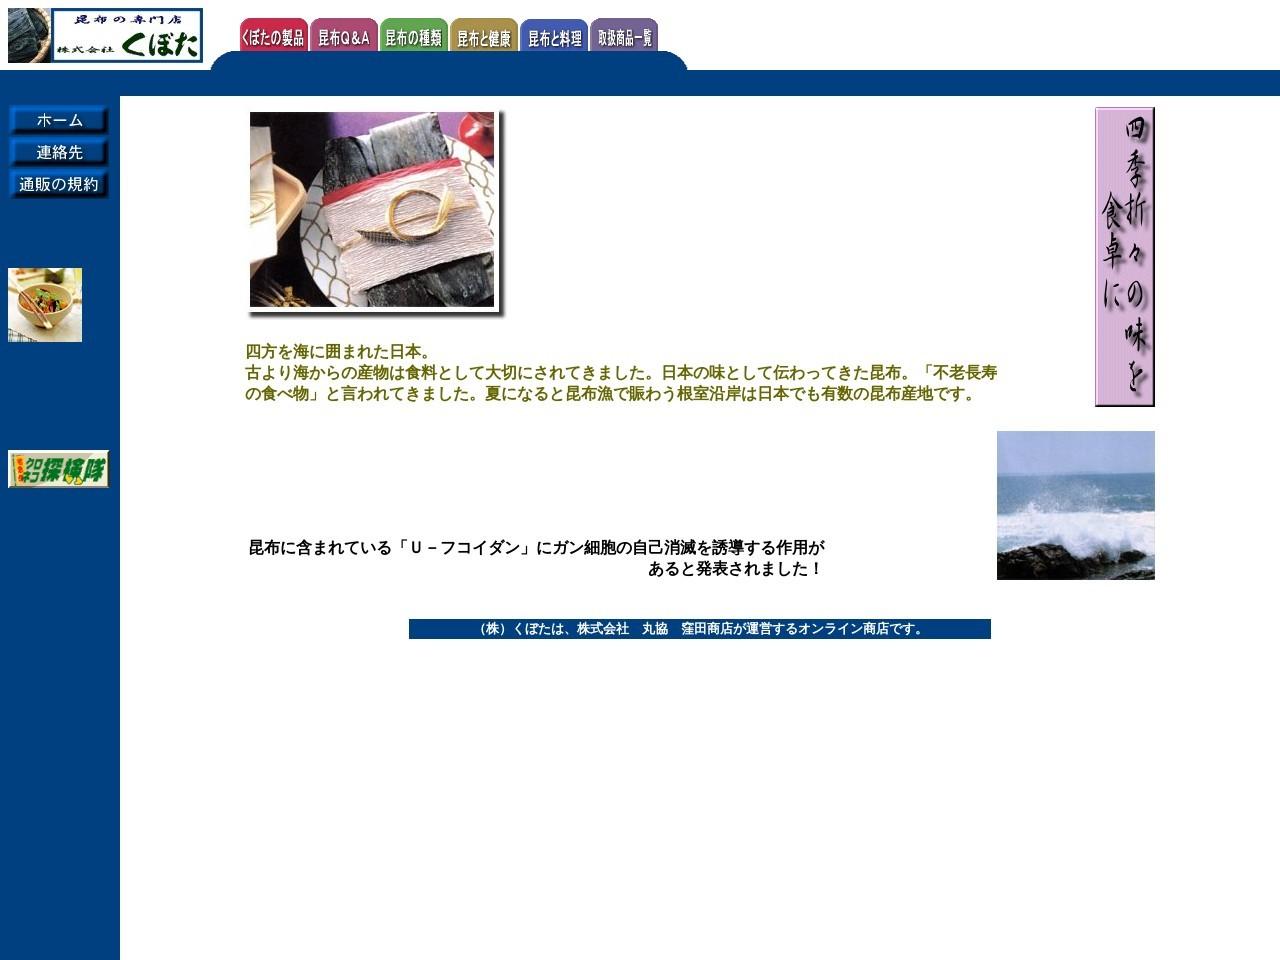 (株)くぼた ◆昆布の専門店◆